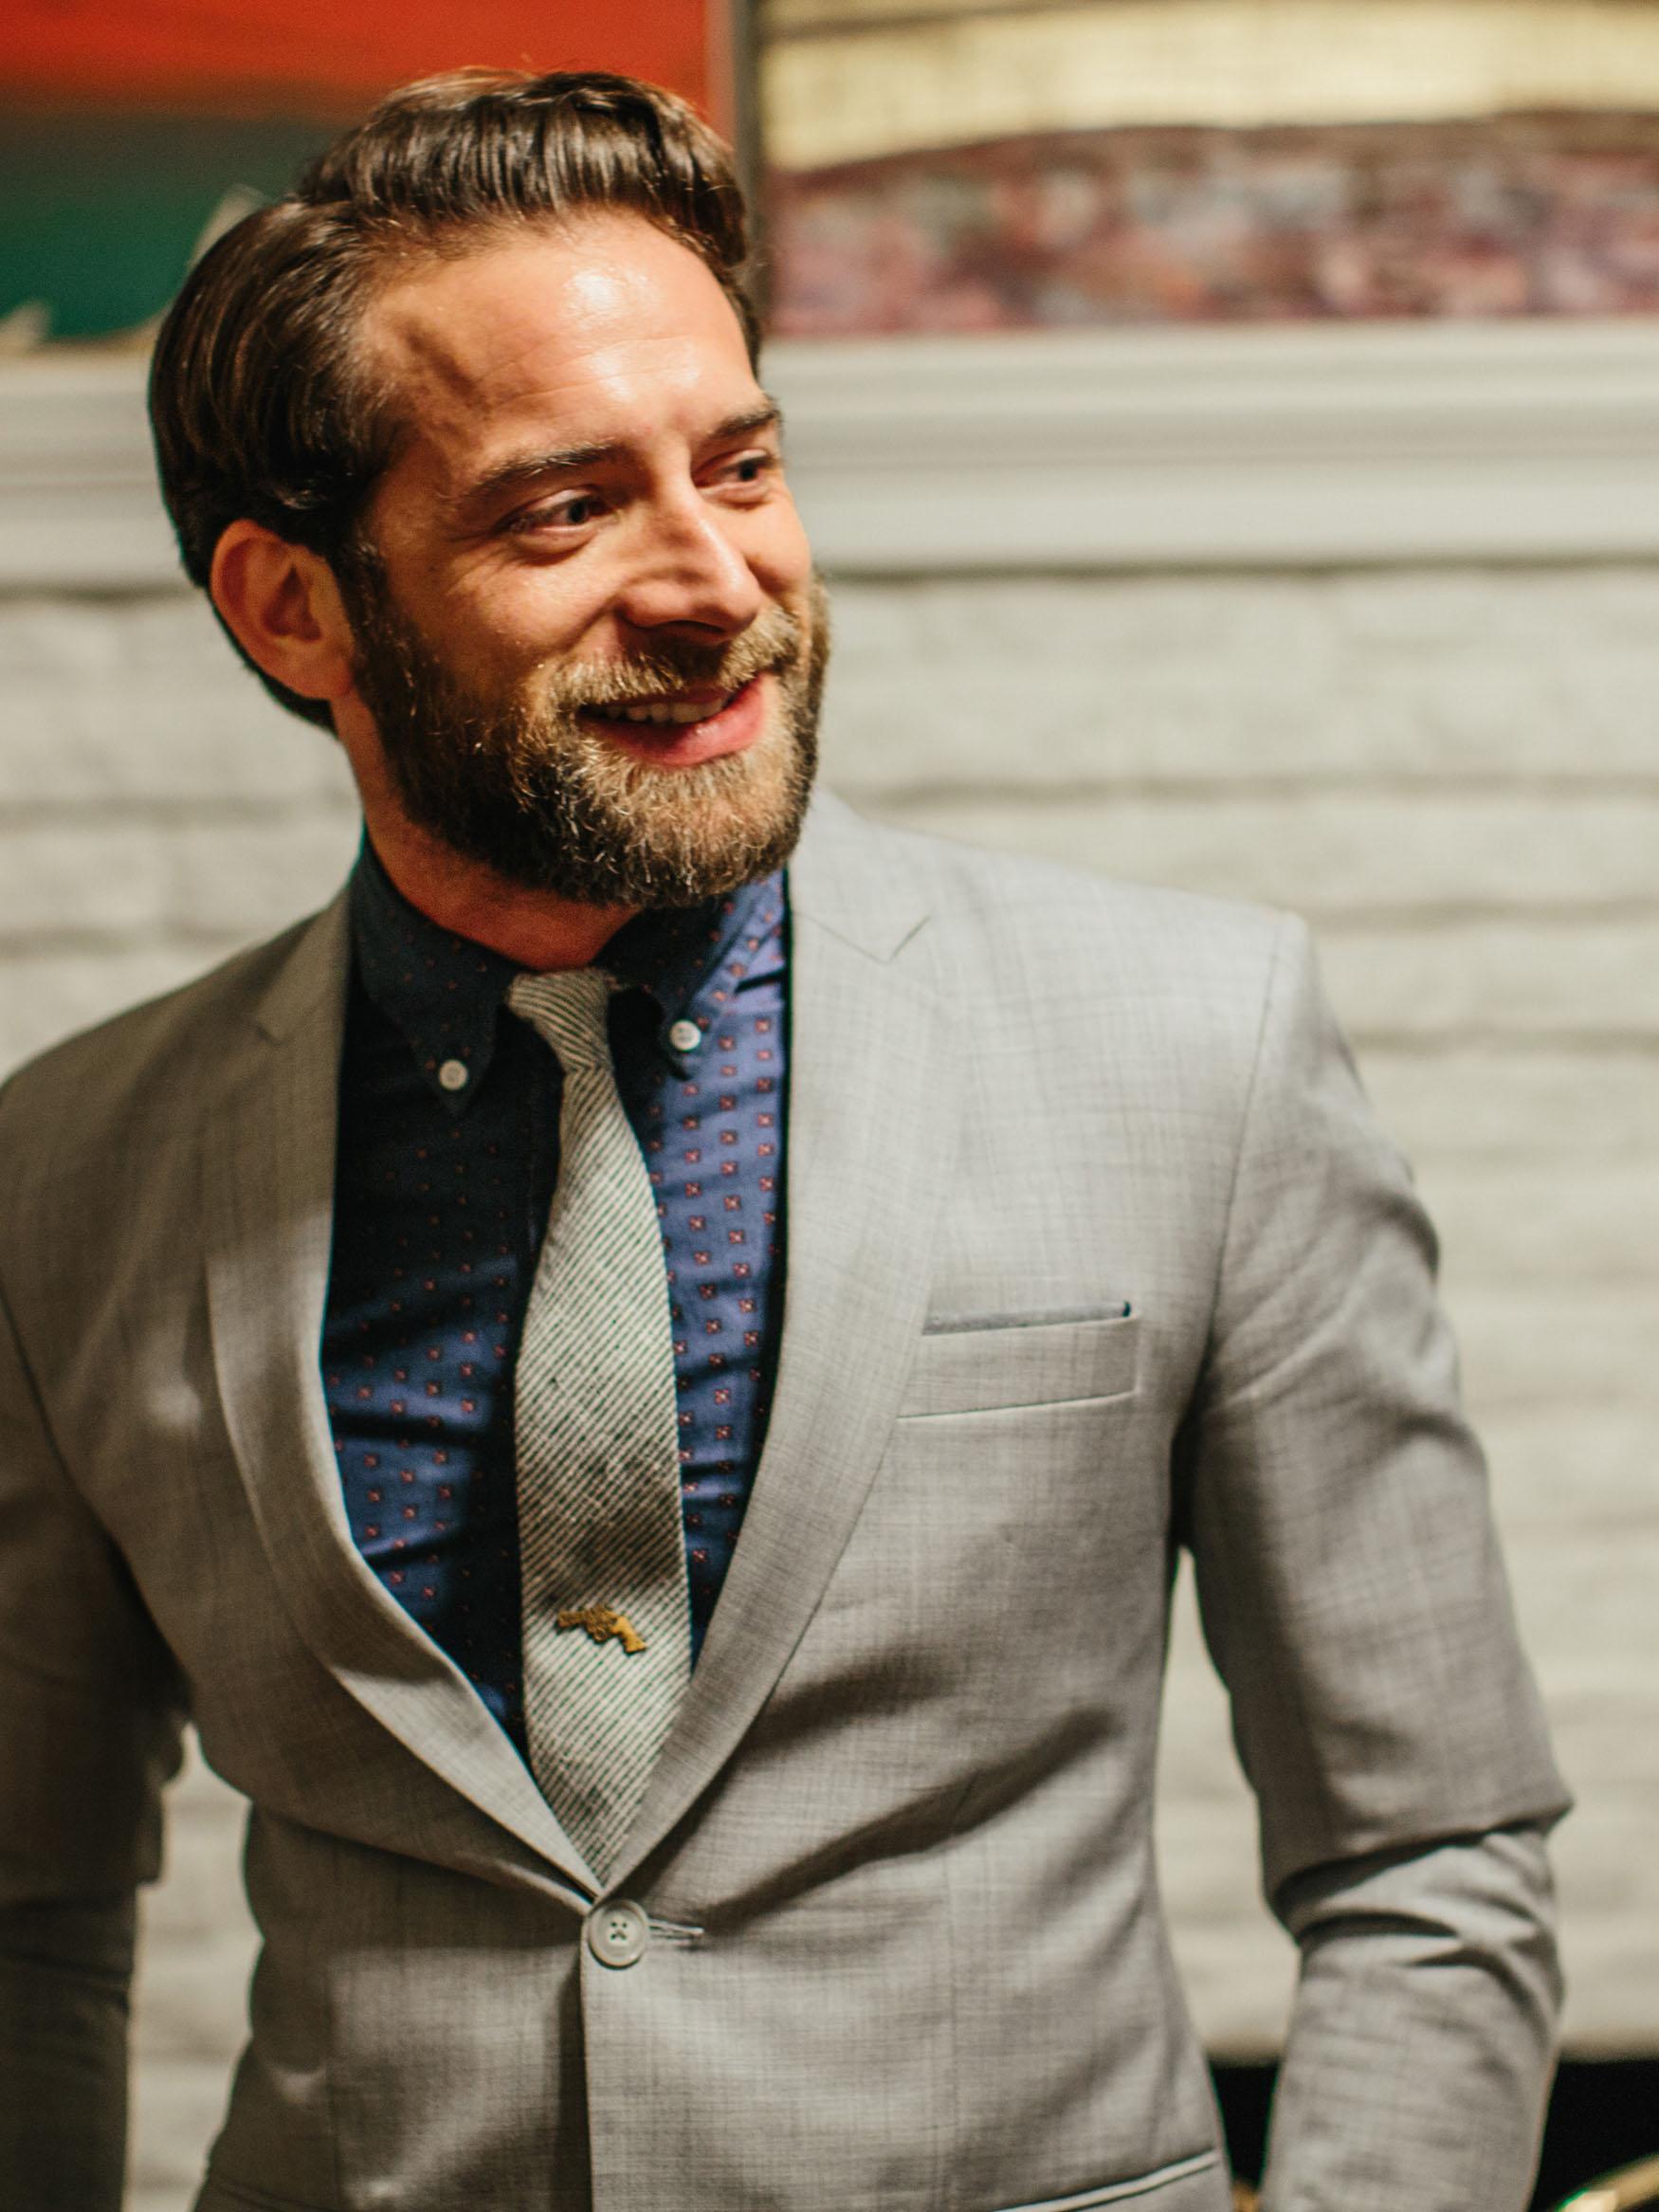 Grey & White Striped Necktie & Vintage Tie Tack